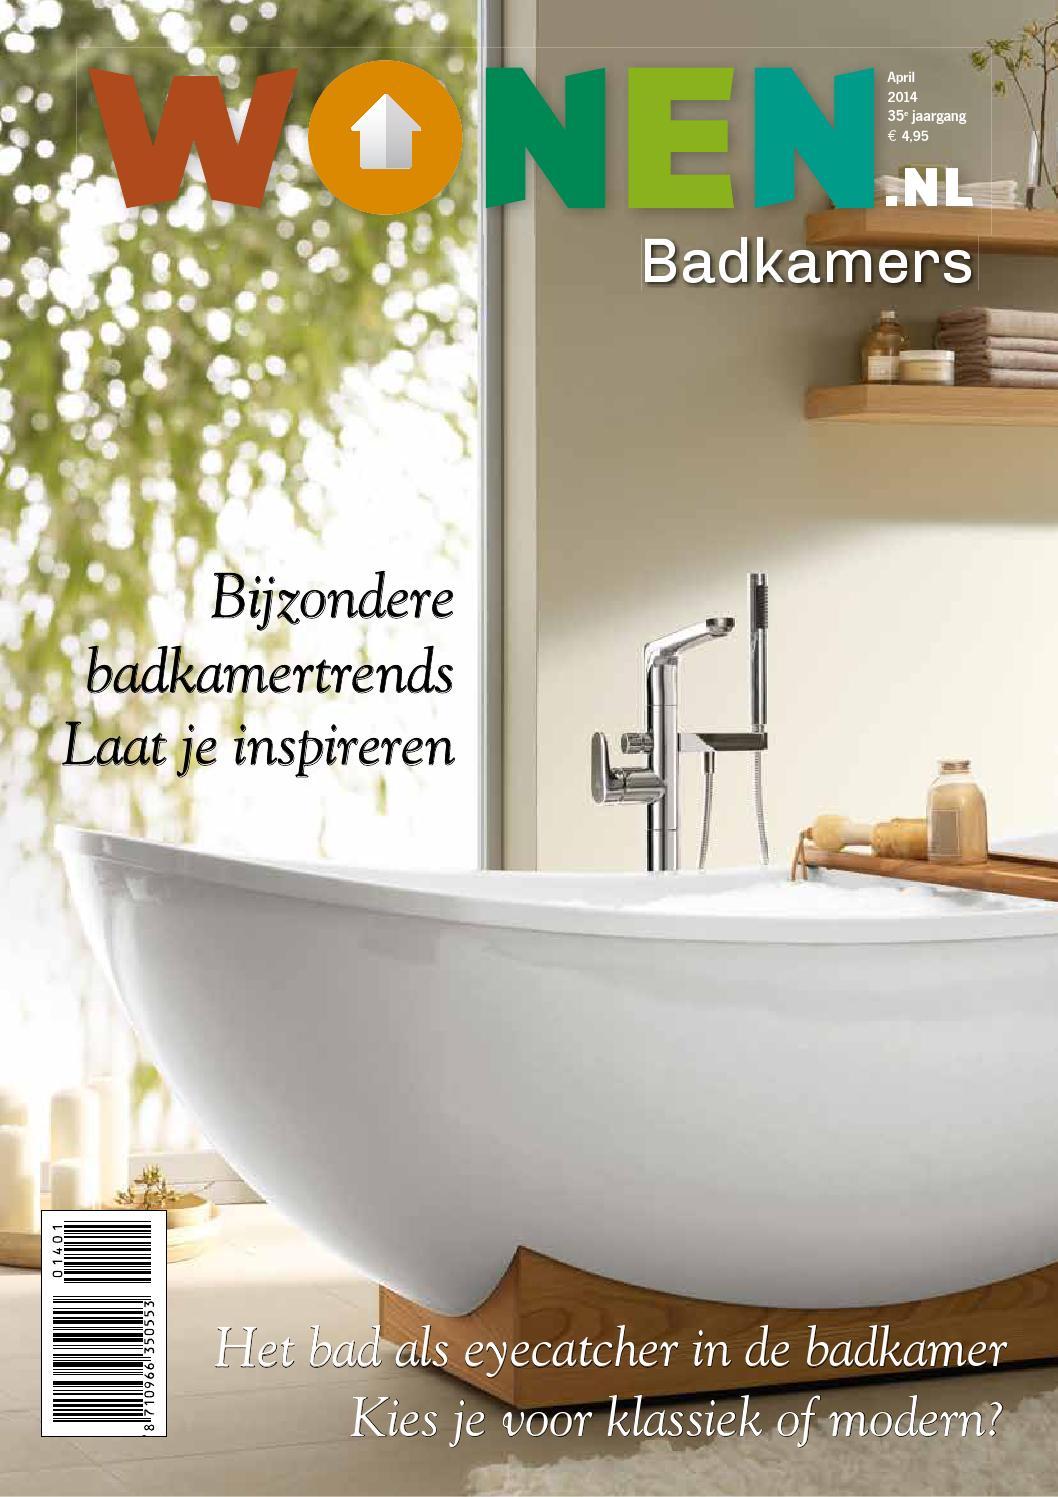 Wonen.nl - Badkamers by Wonen Media - issuu